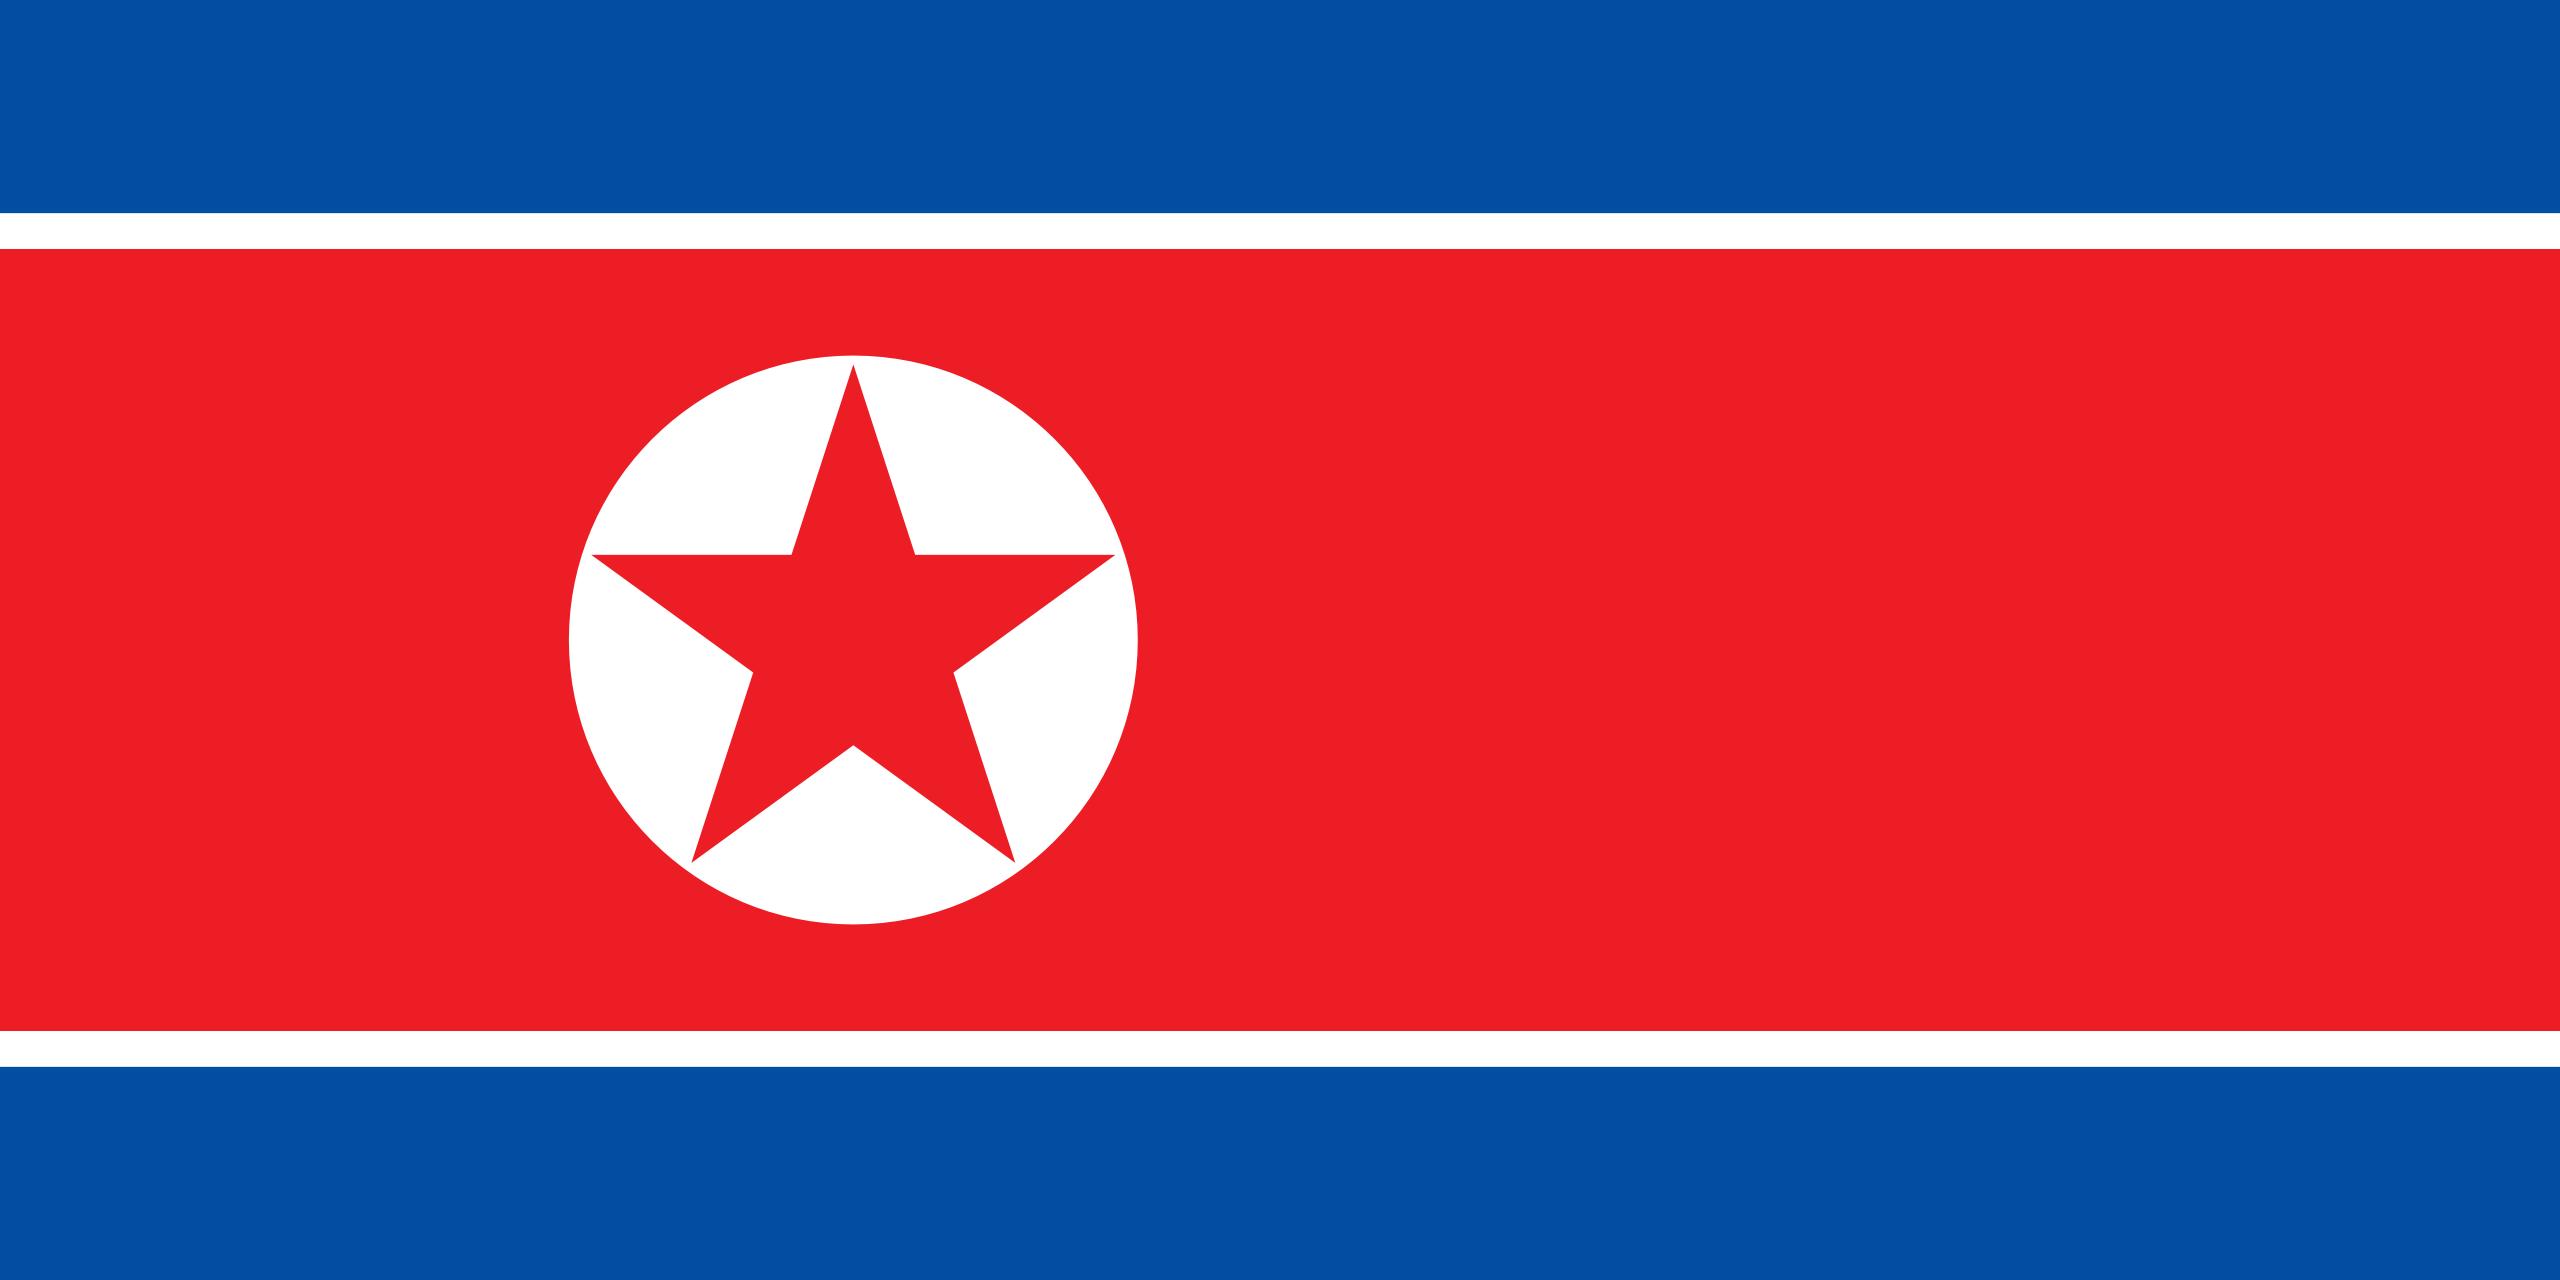 Corea del Norte - bandera